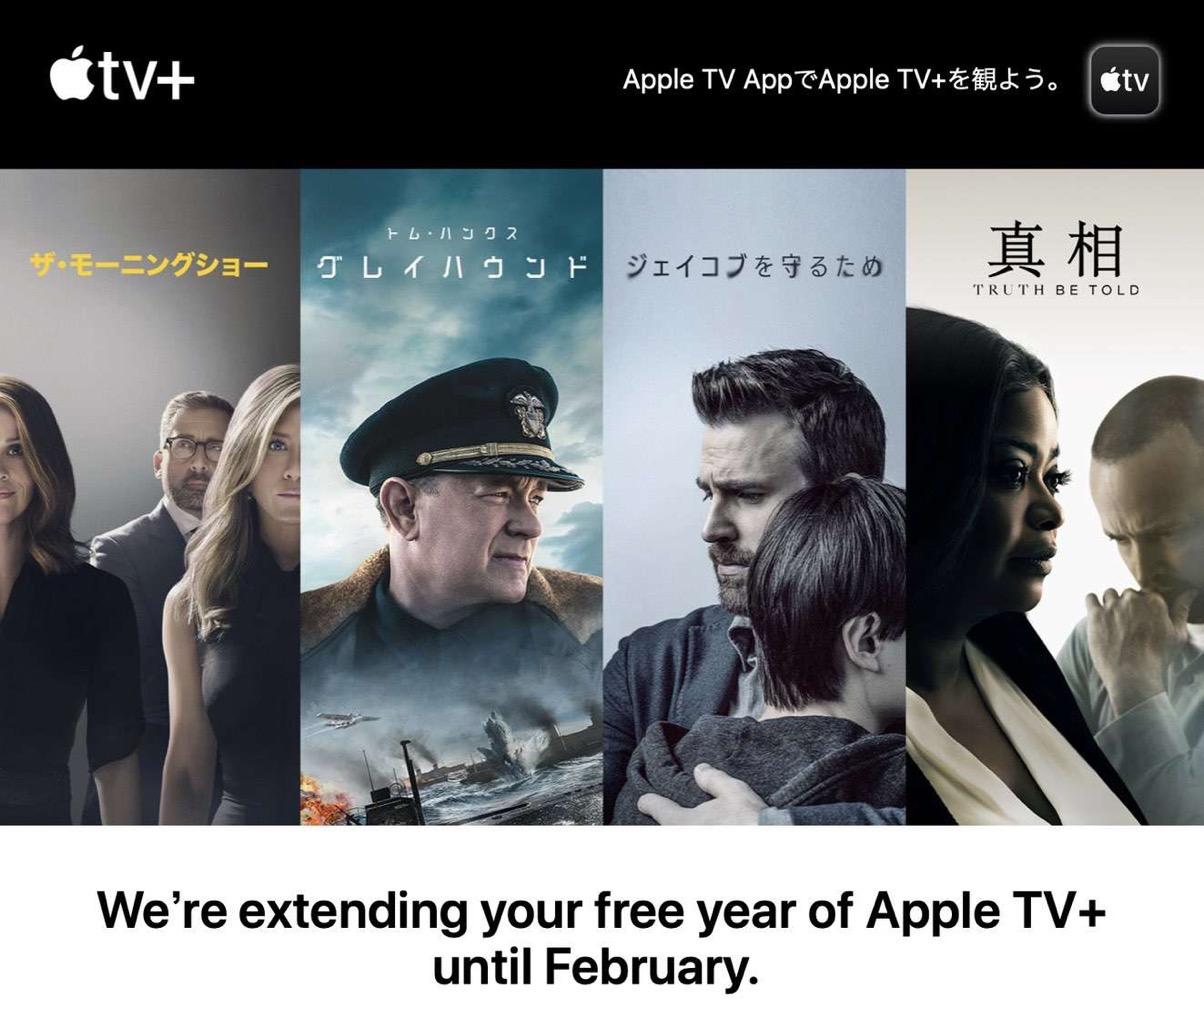 Apple、ストリーミングサービス「Apple TV+」の無料期間を2021年2月まで延長